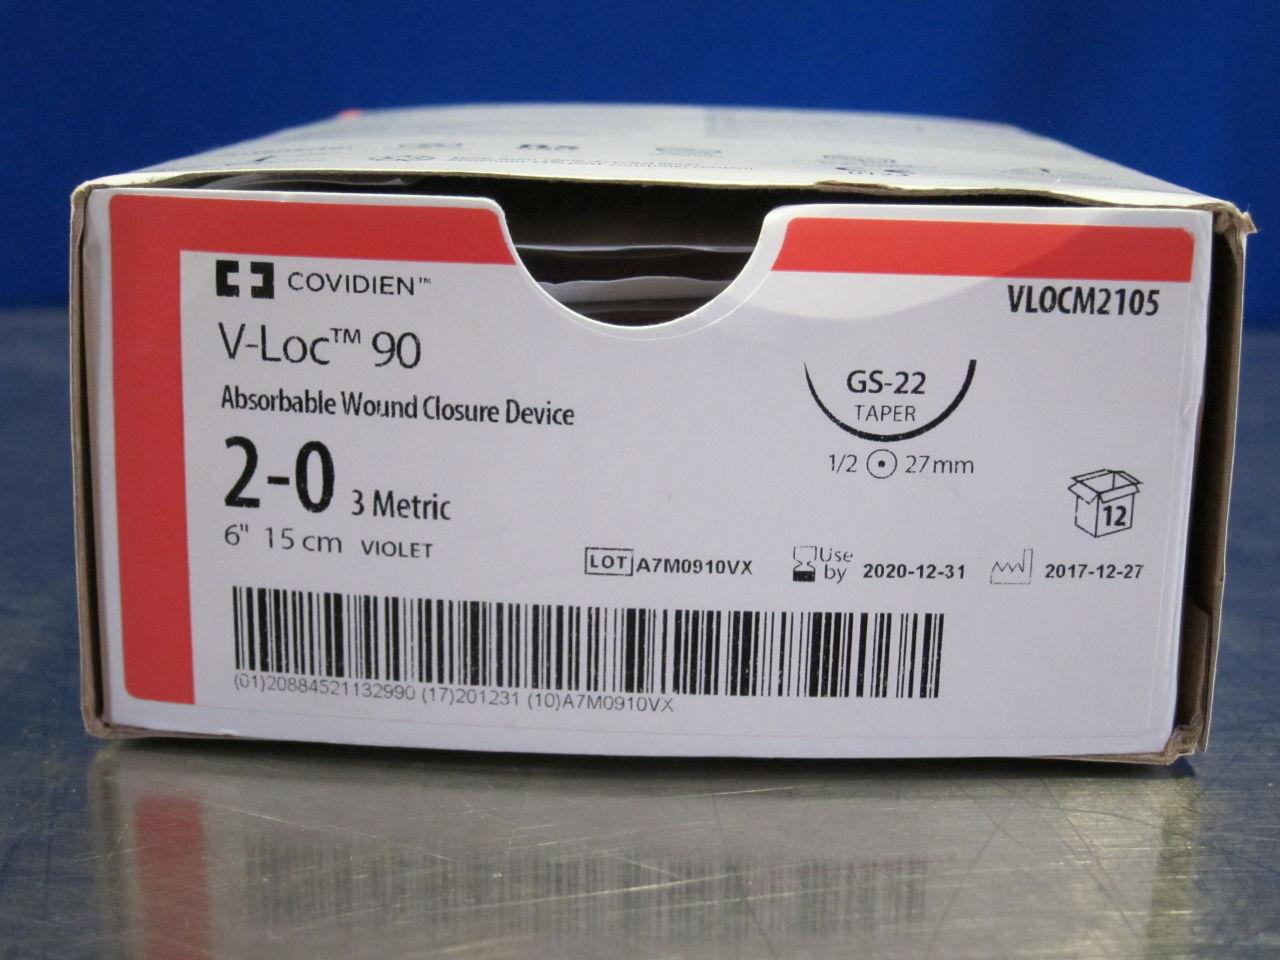 COVIDIEN VLOCM2105 Wound Closure Device